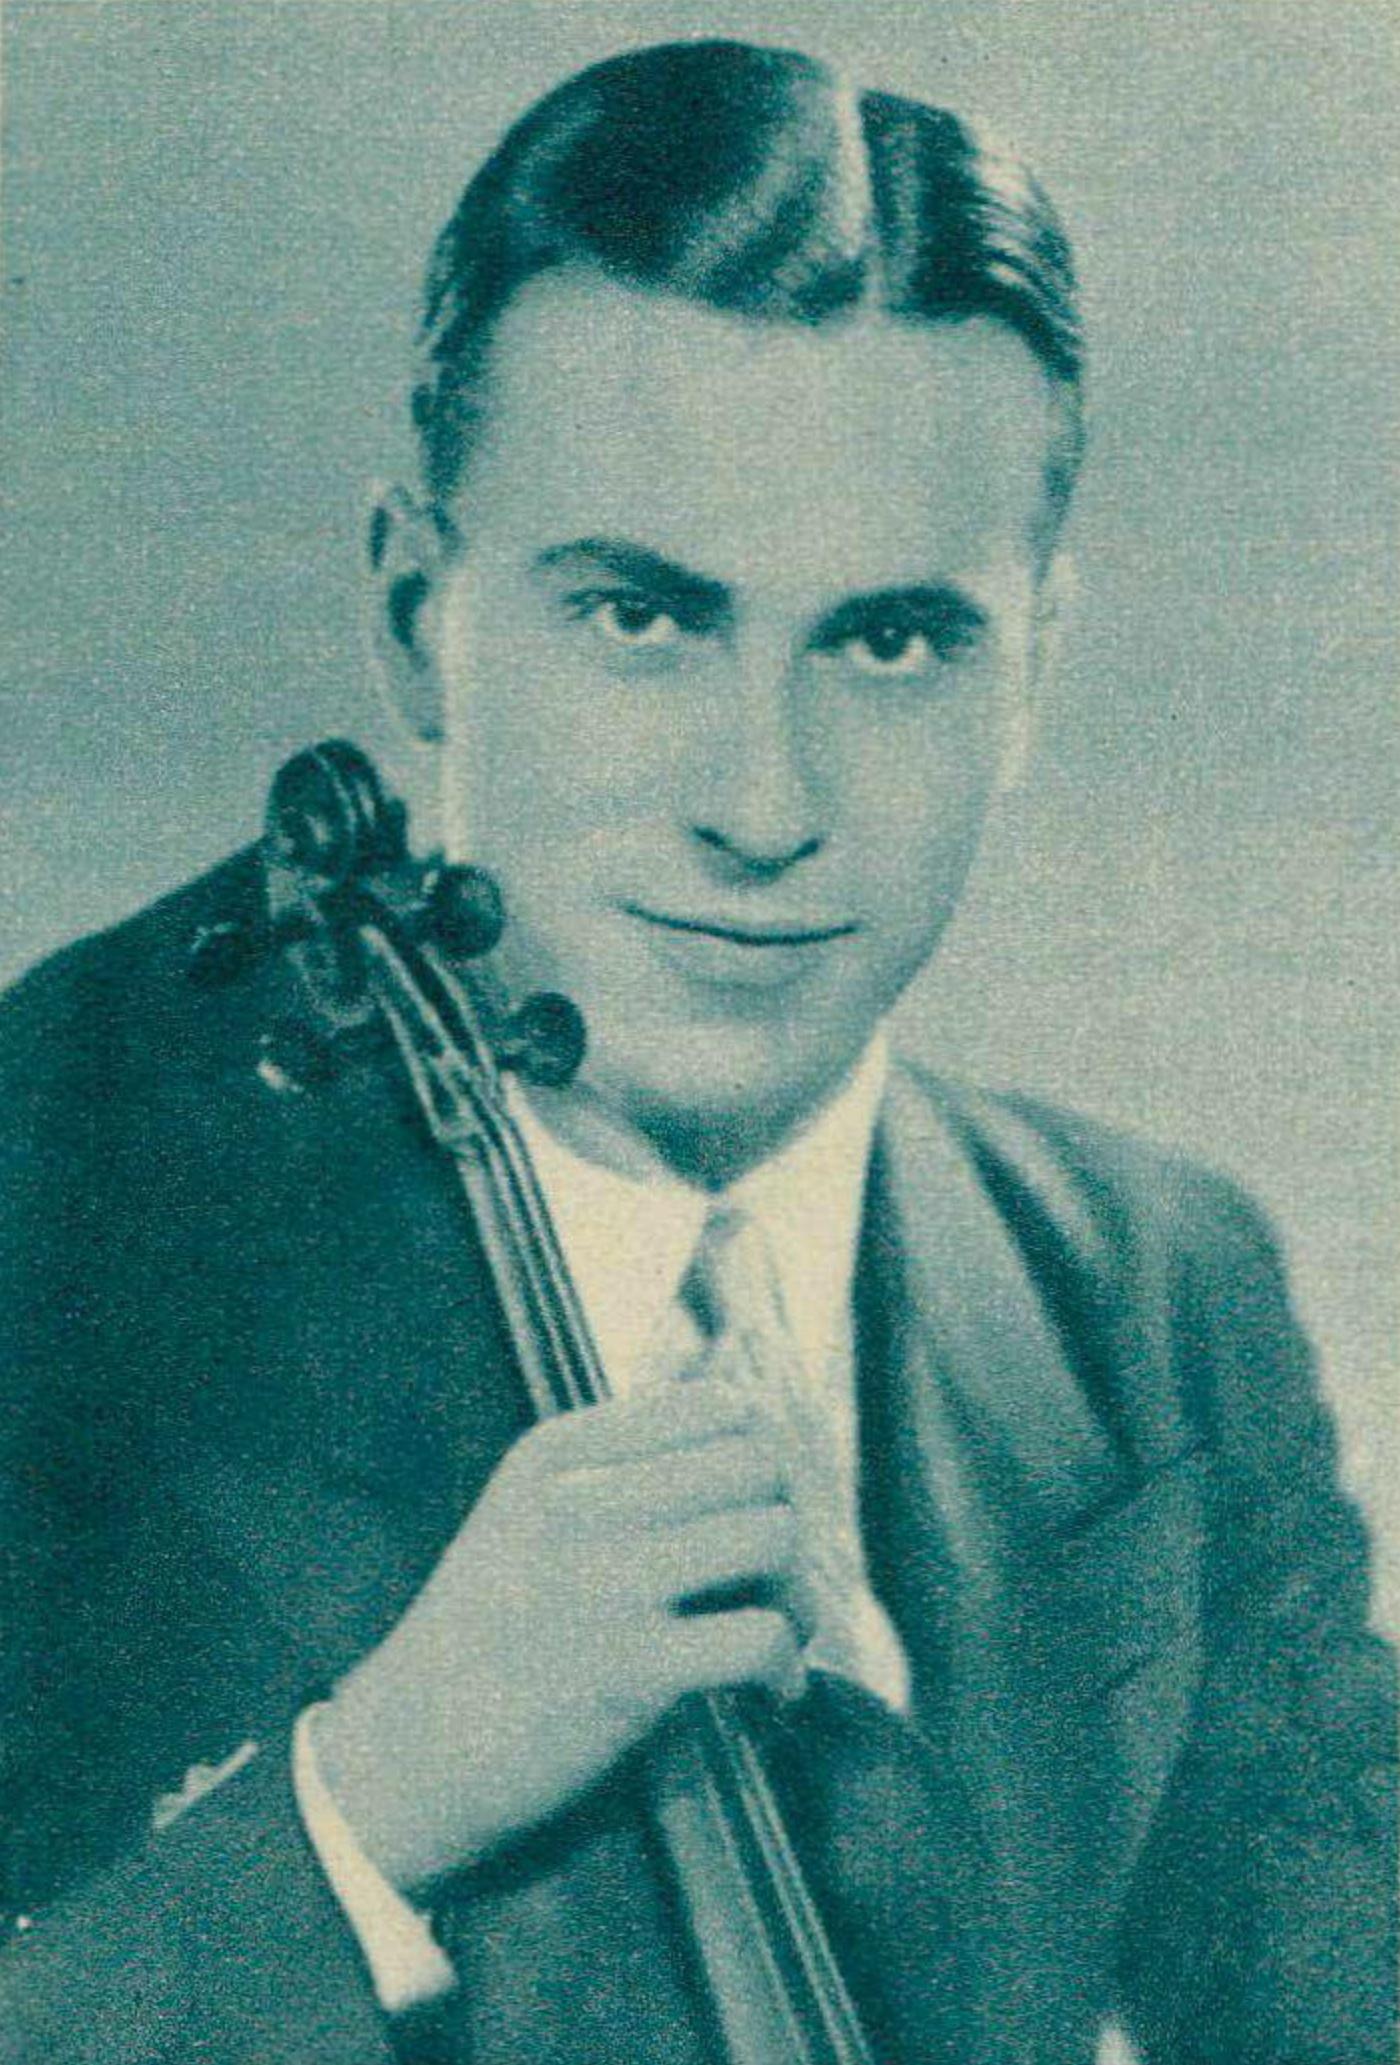 Henryk SZERYNG vers 1940, une photo parue dans la revue Le Radio du 31 mai 1940, No 895, page 672, cliquer pour une vue agrandie